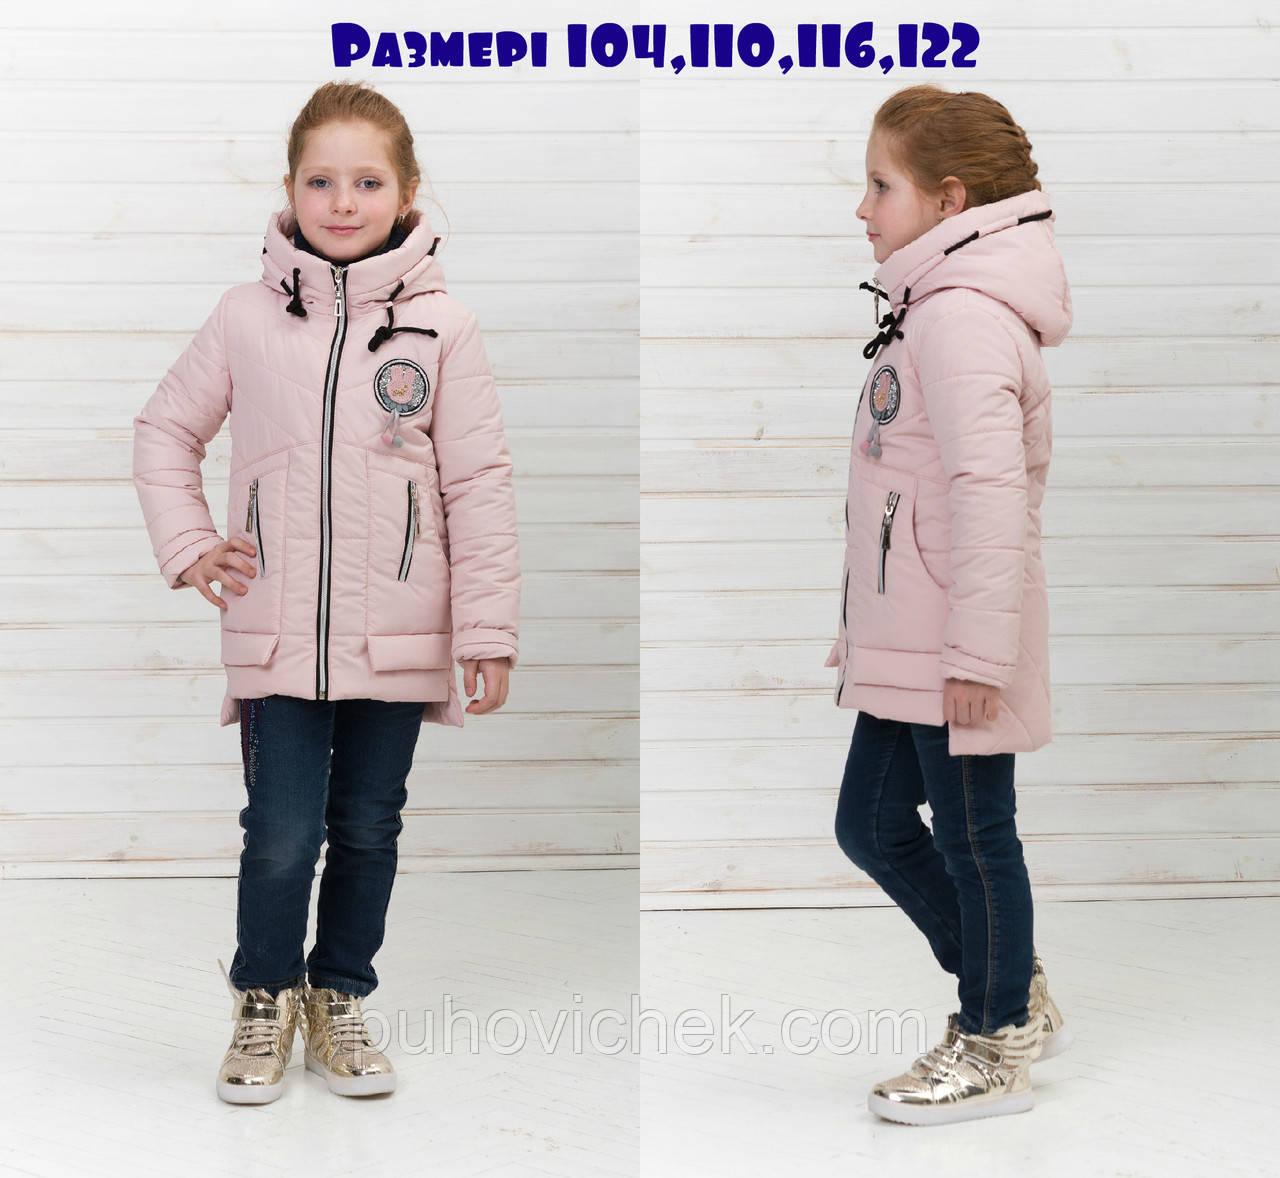 Легкие детские курточки для девочек от производителя